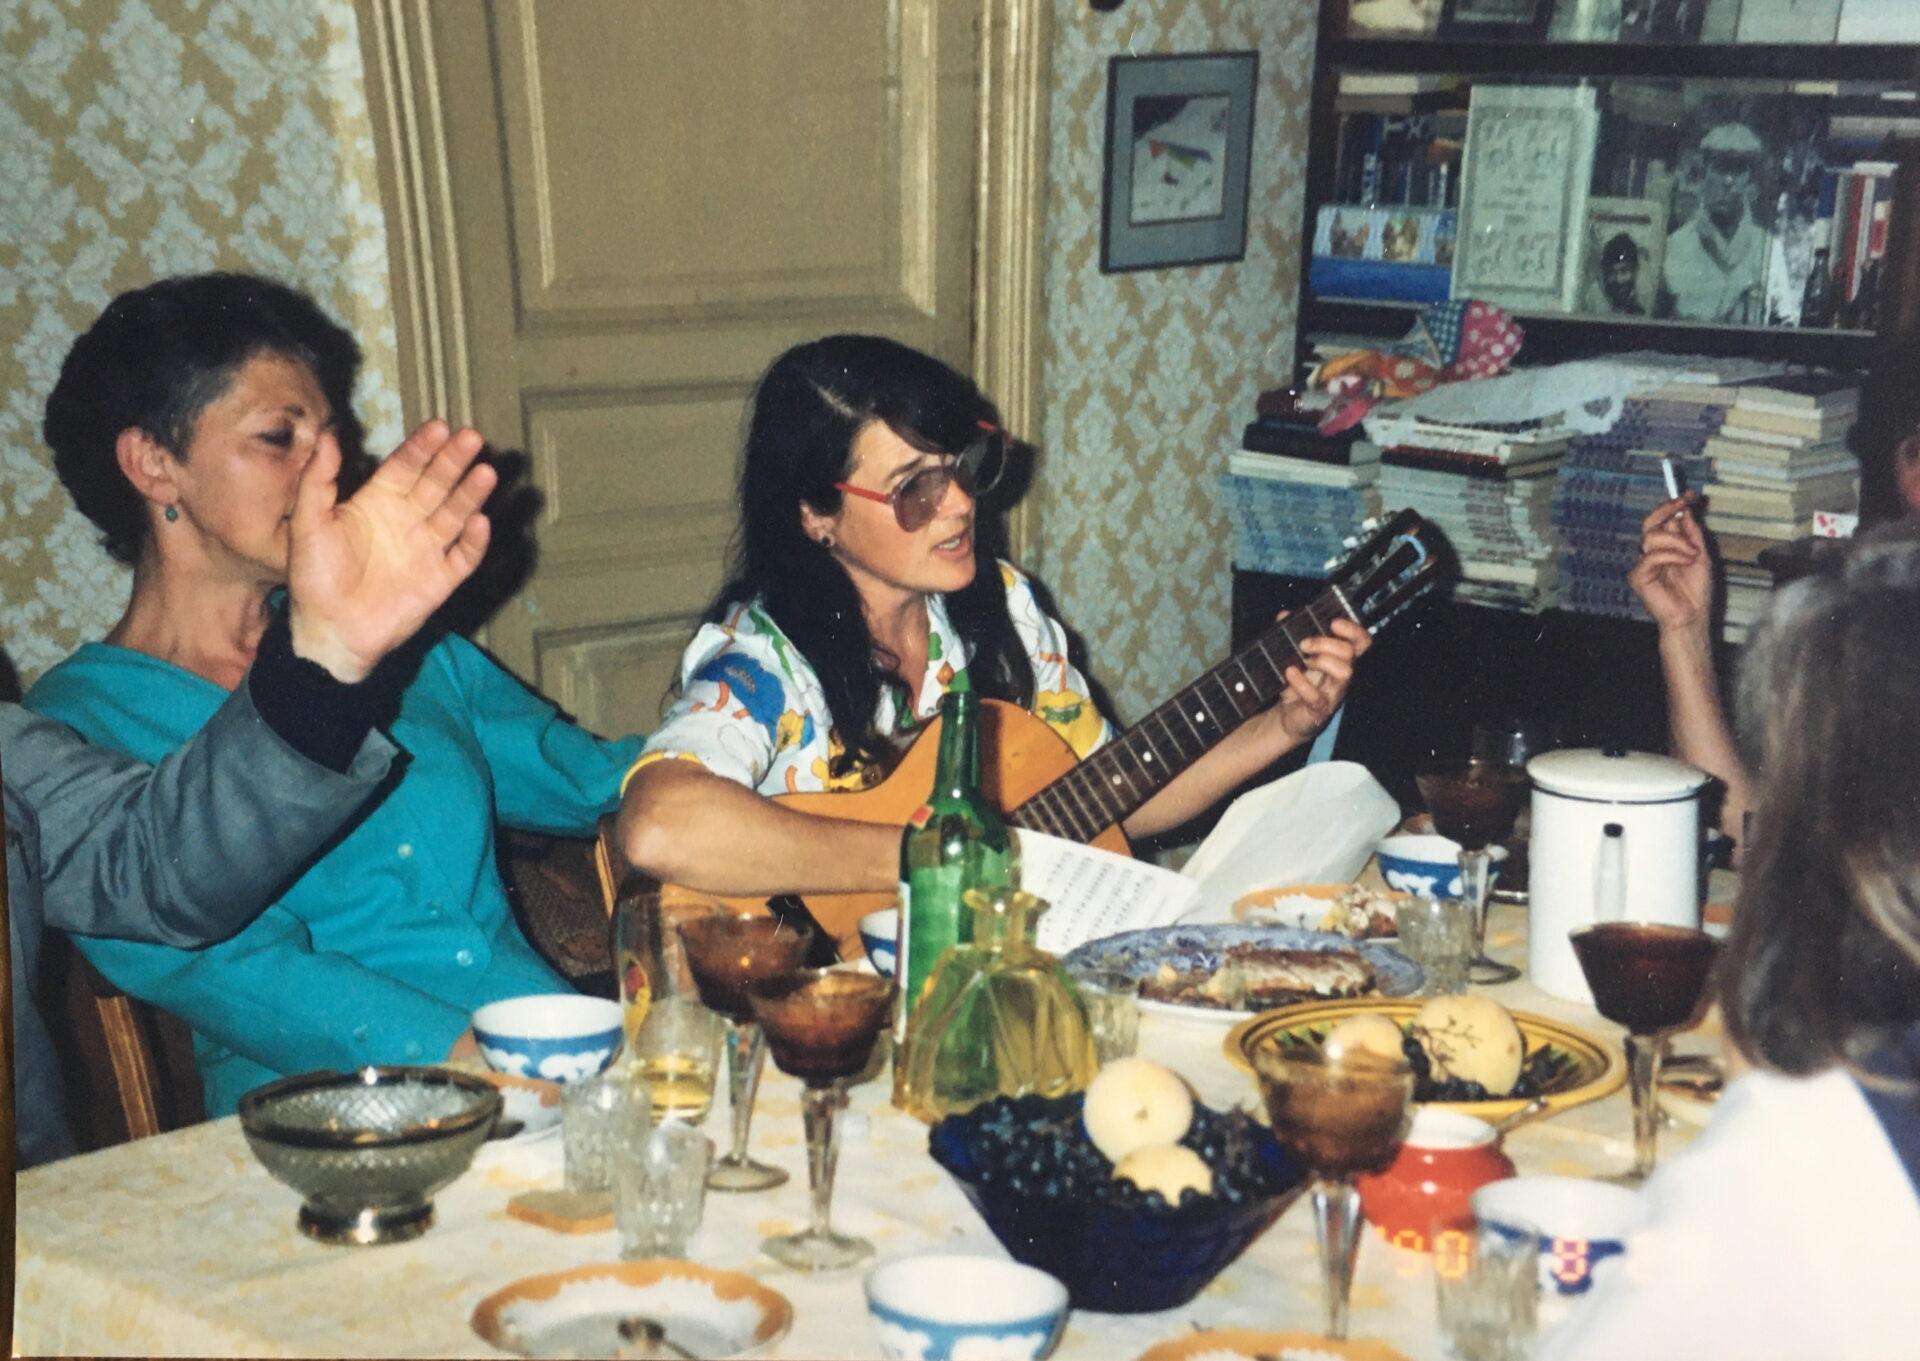 zwei Frauen beim Fröhliches Singen,Gitarrespielen